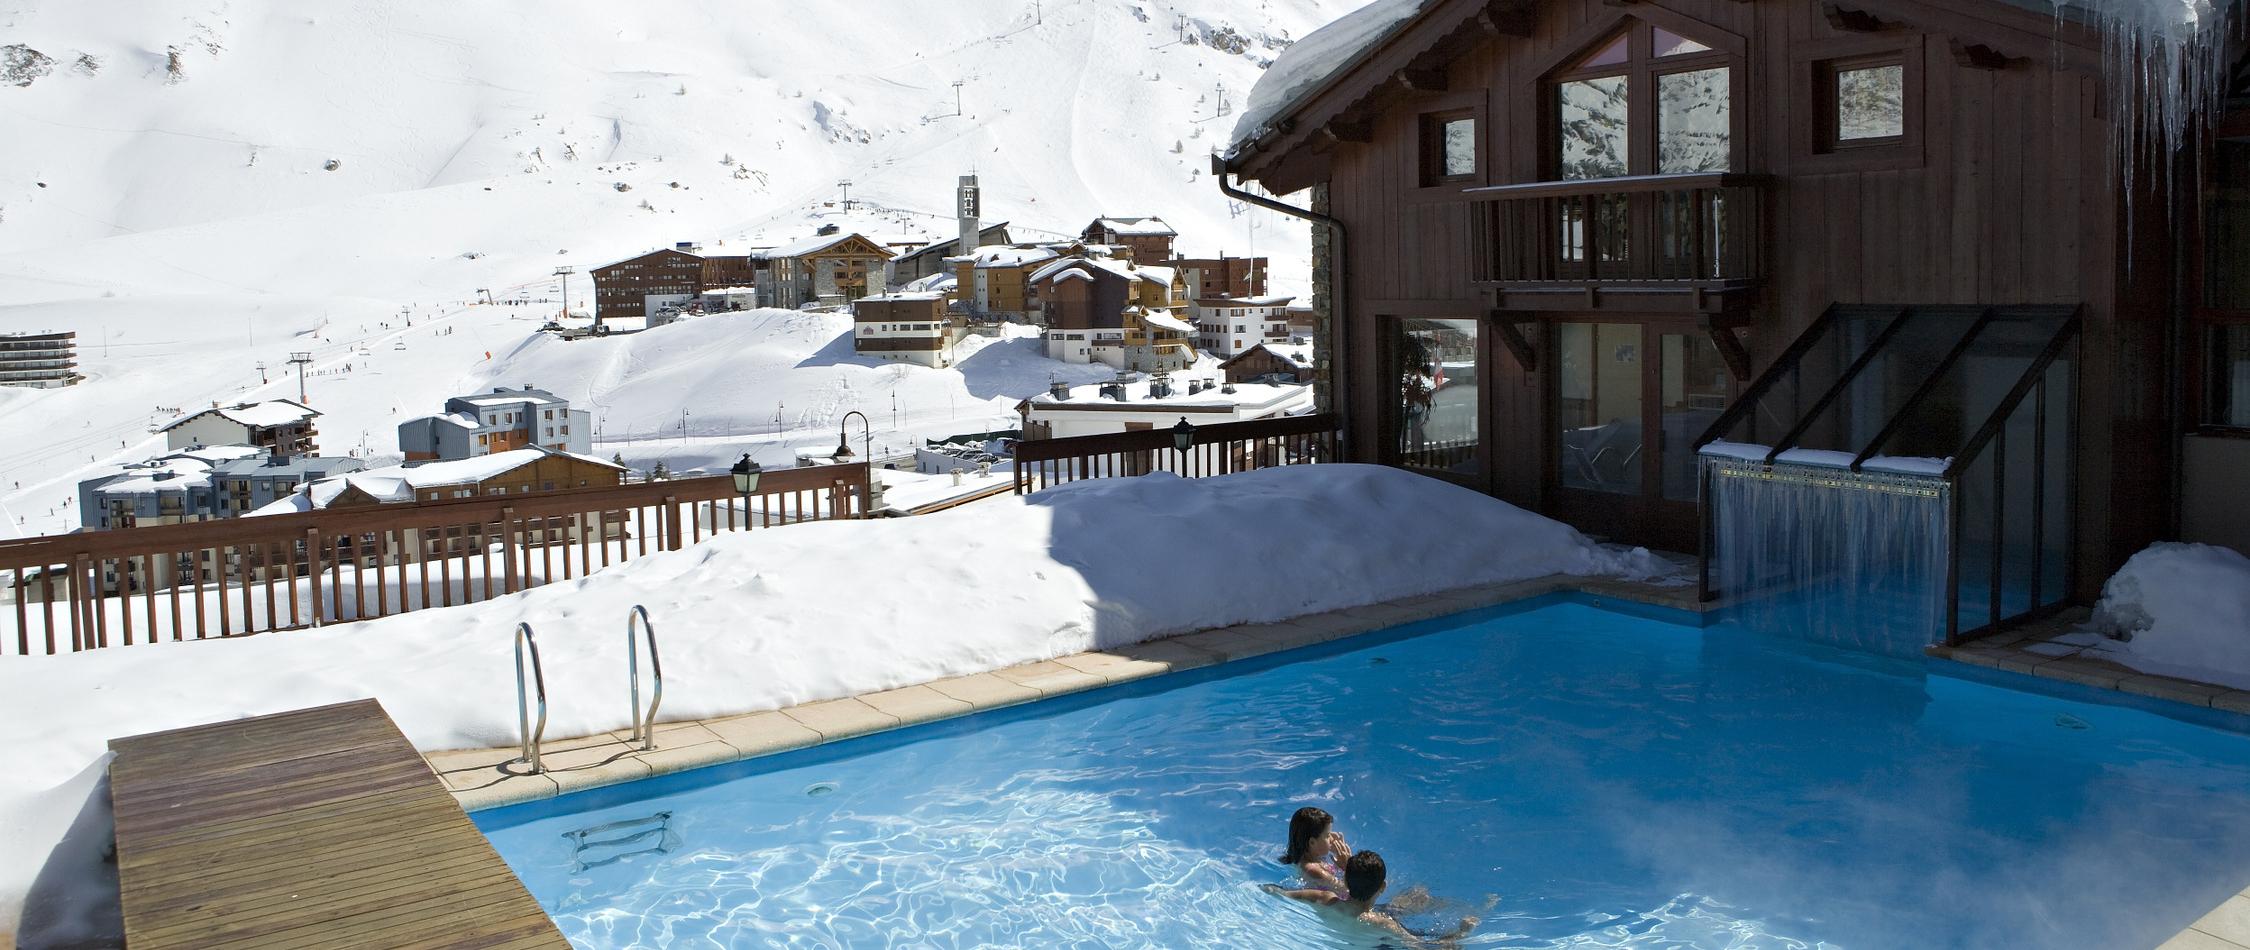 Hôtel Spa Tignes : Village Montana, Notre Hôtel Avec Piscine ... intérieur Piscine Tignes